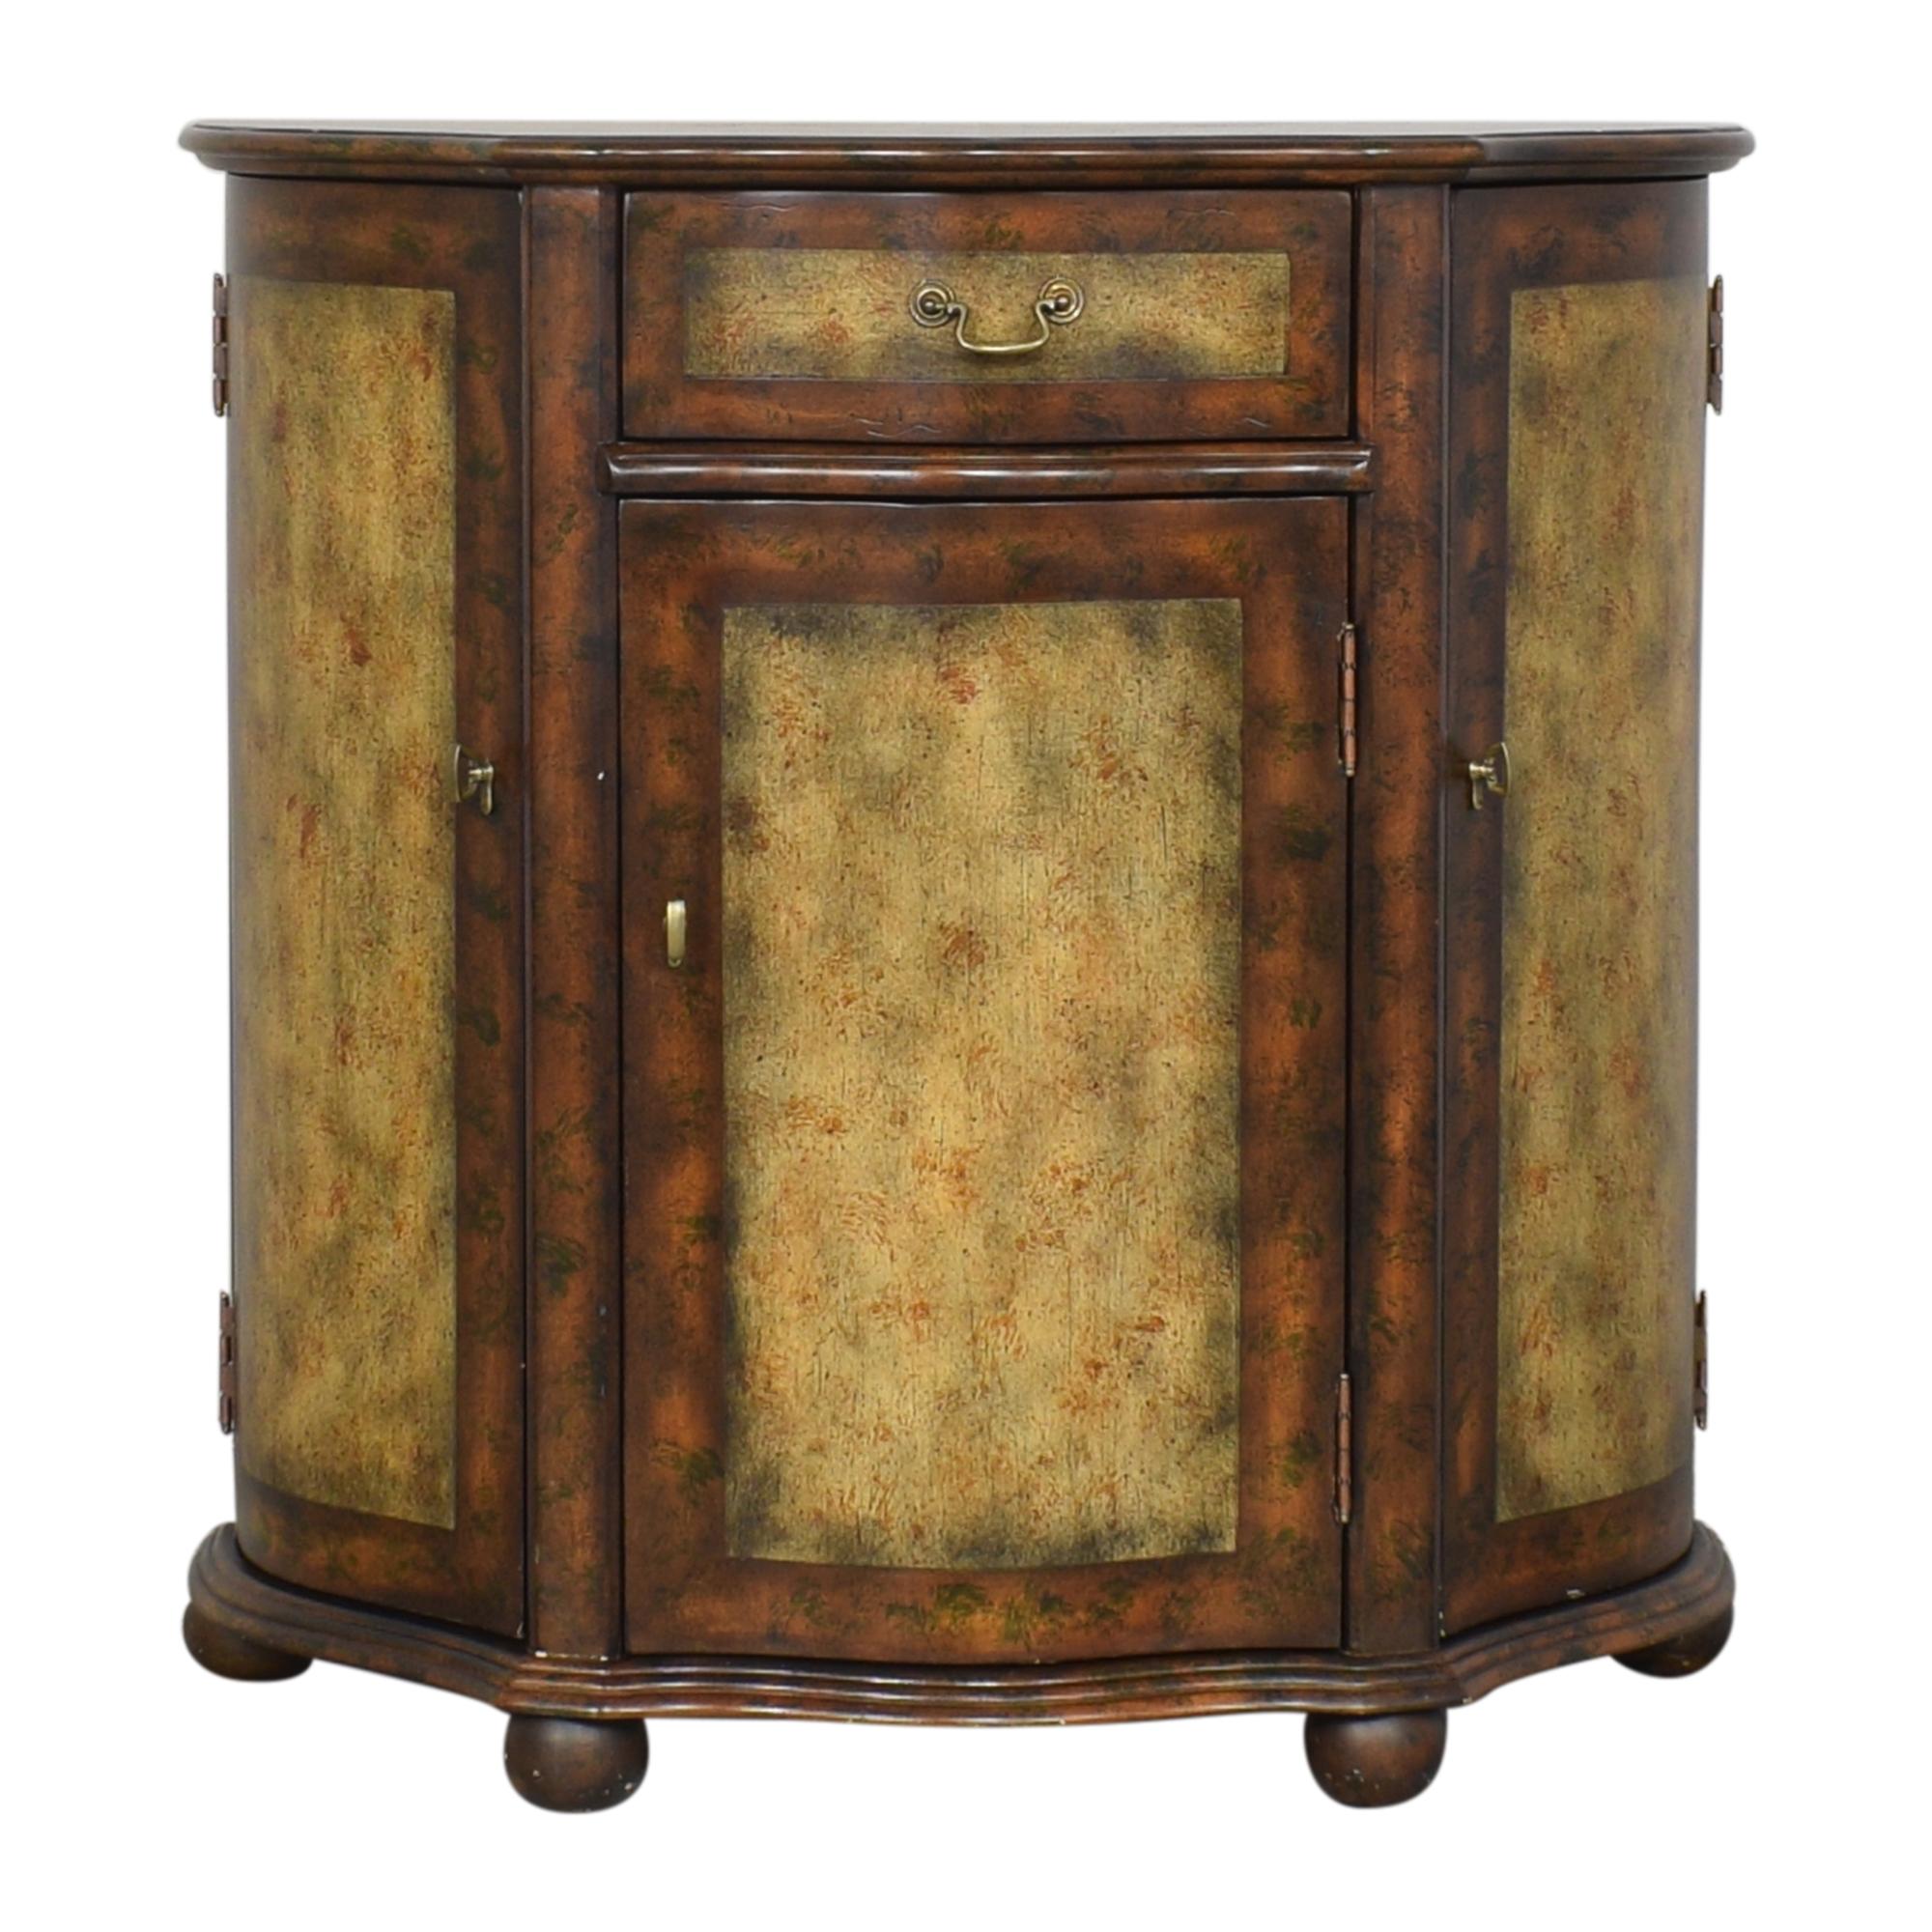 Vintage-Style Demilune Buffet / Storage